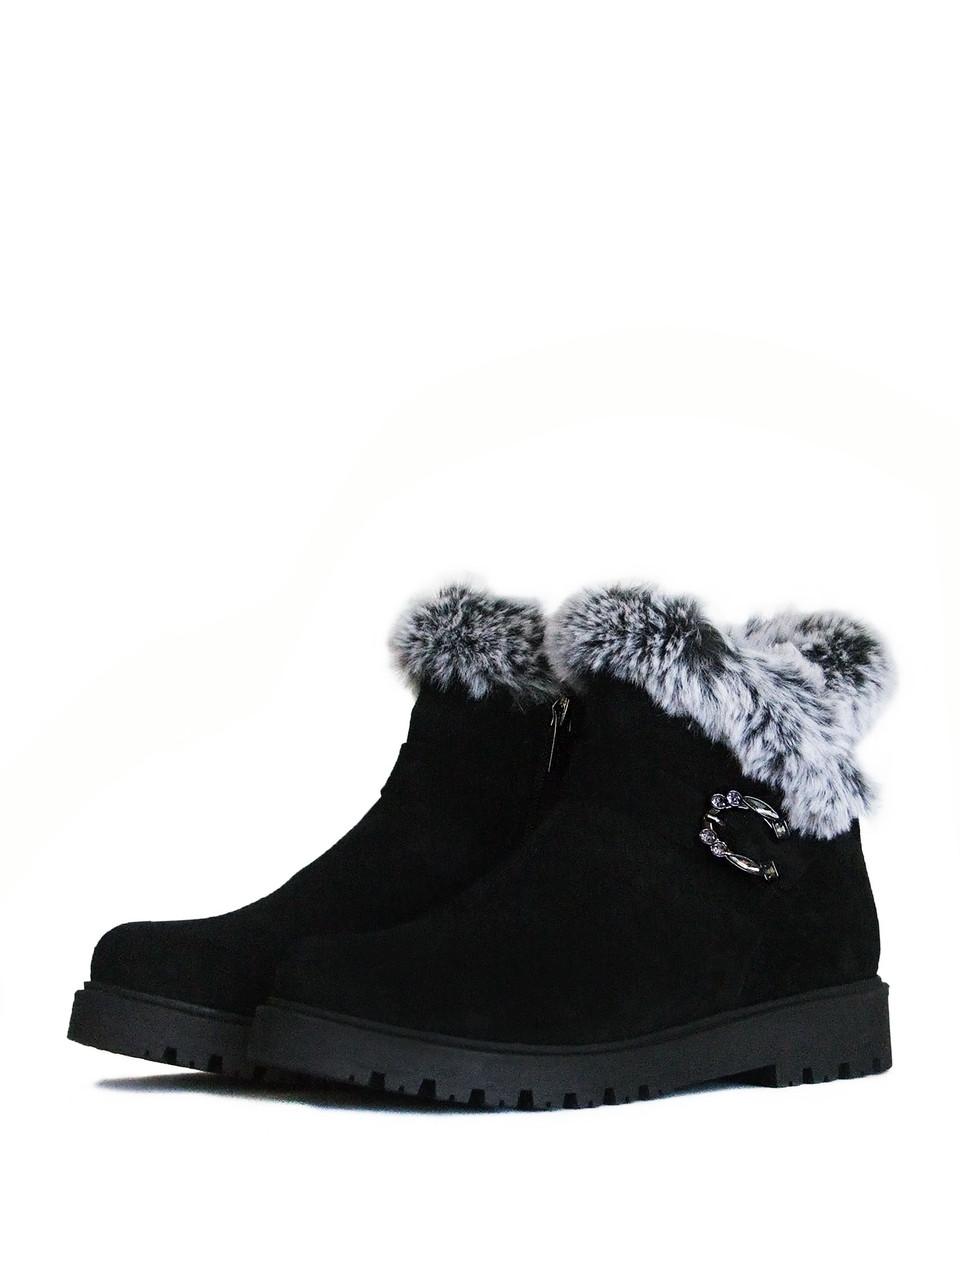 Ботинки зимние замшевые с опушкой